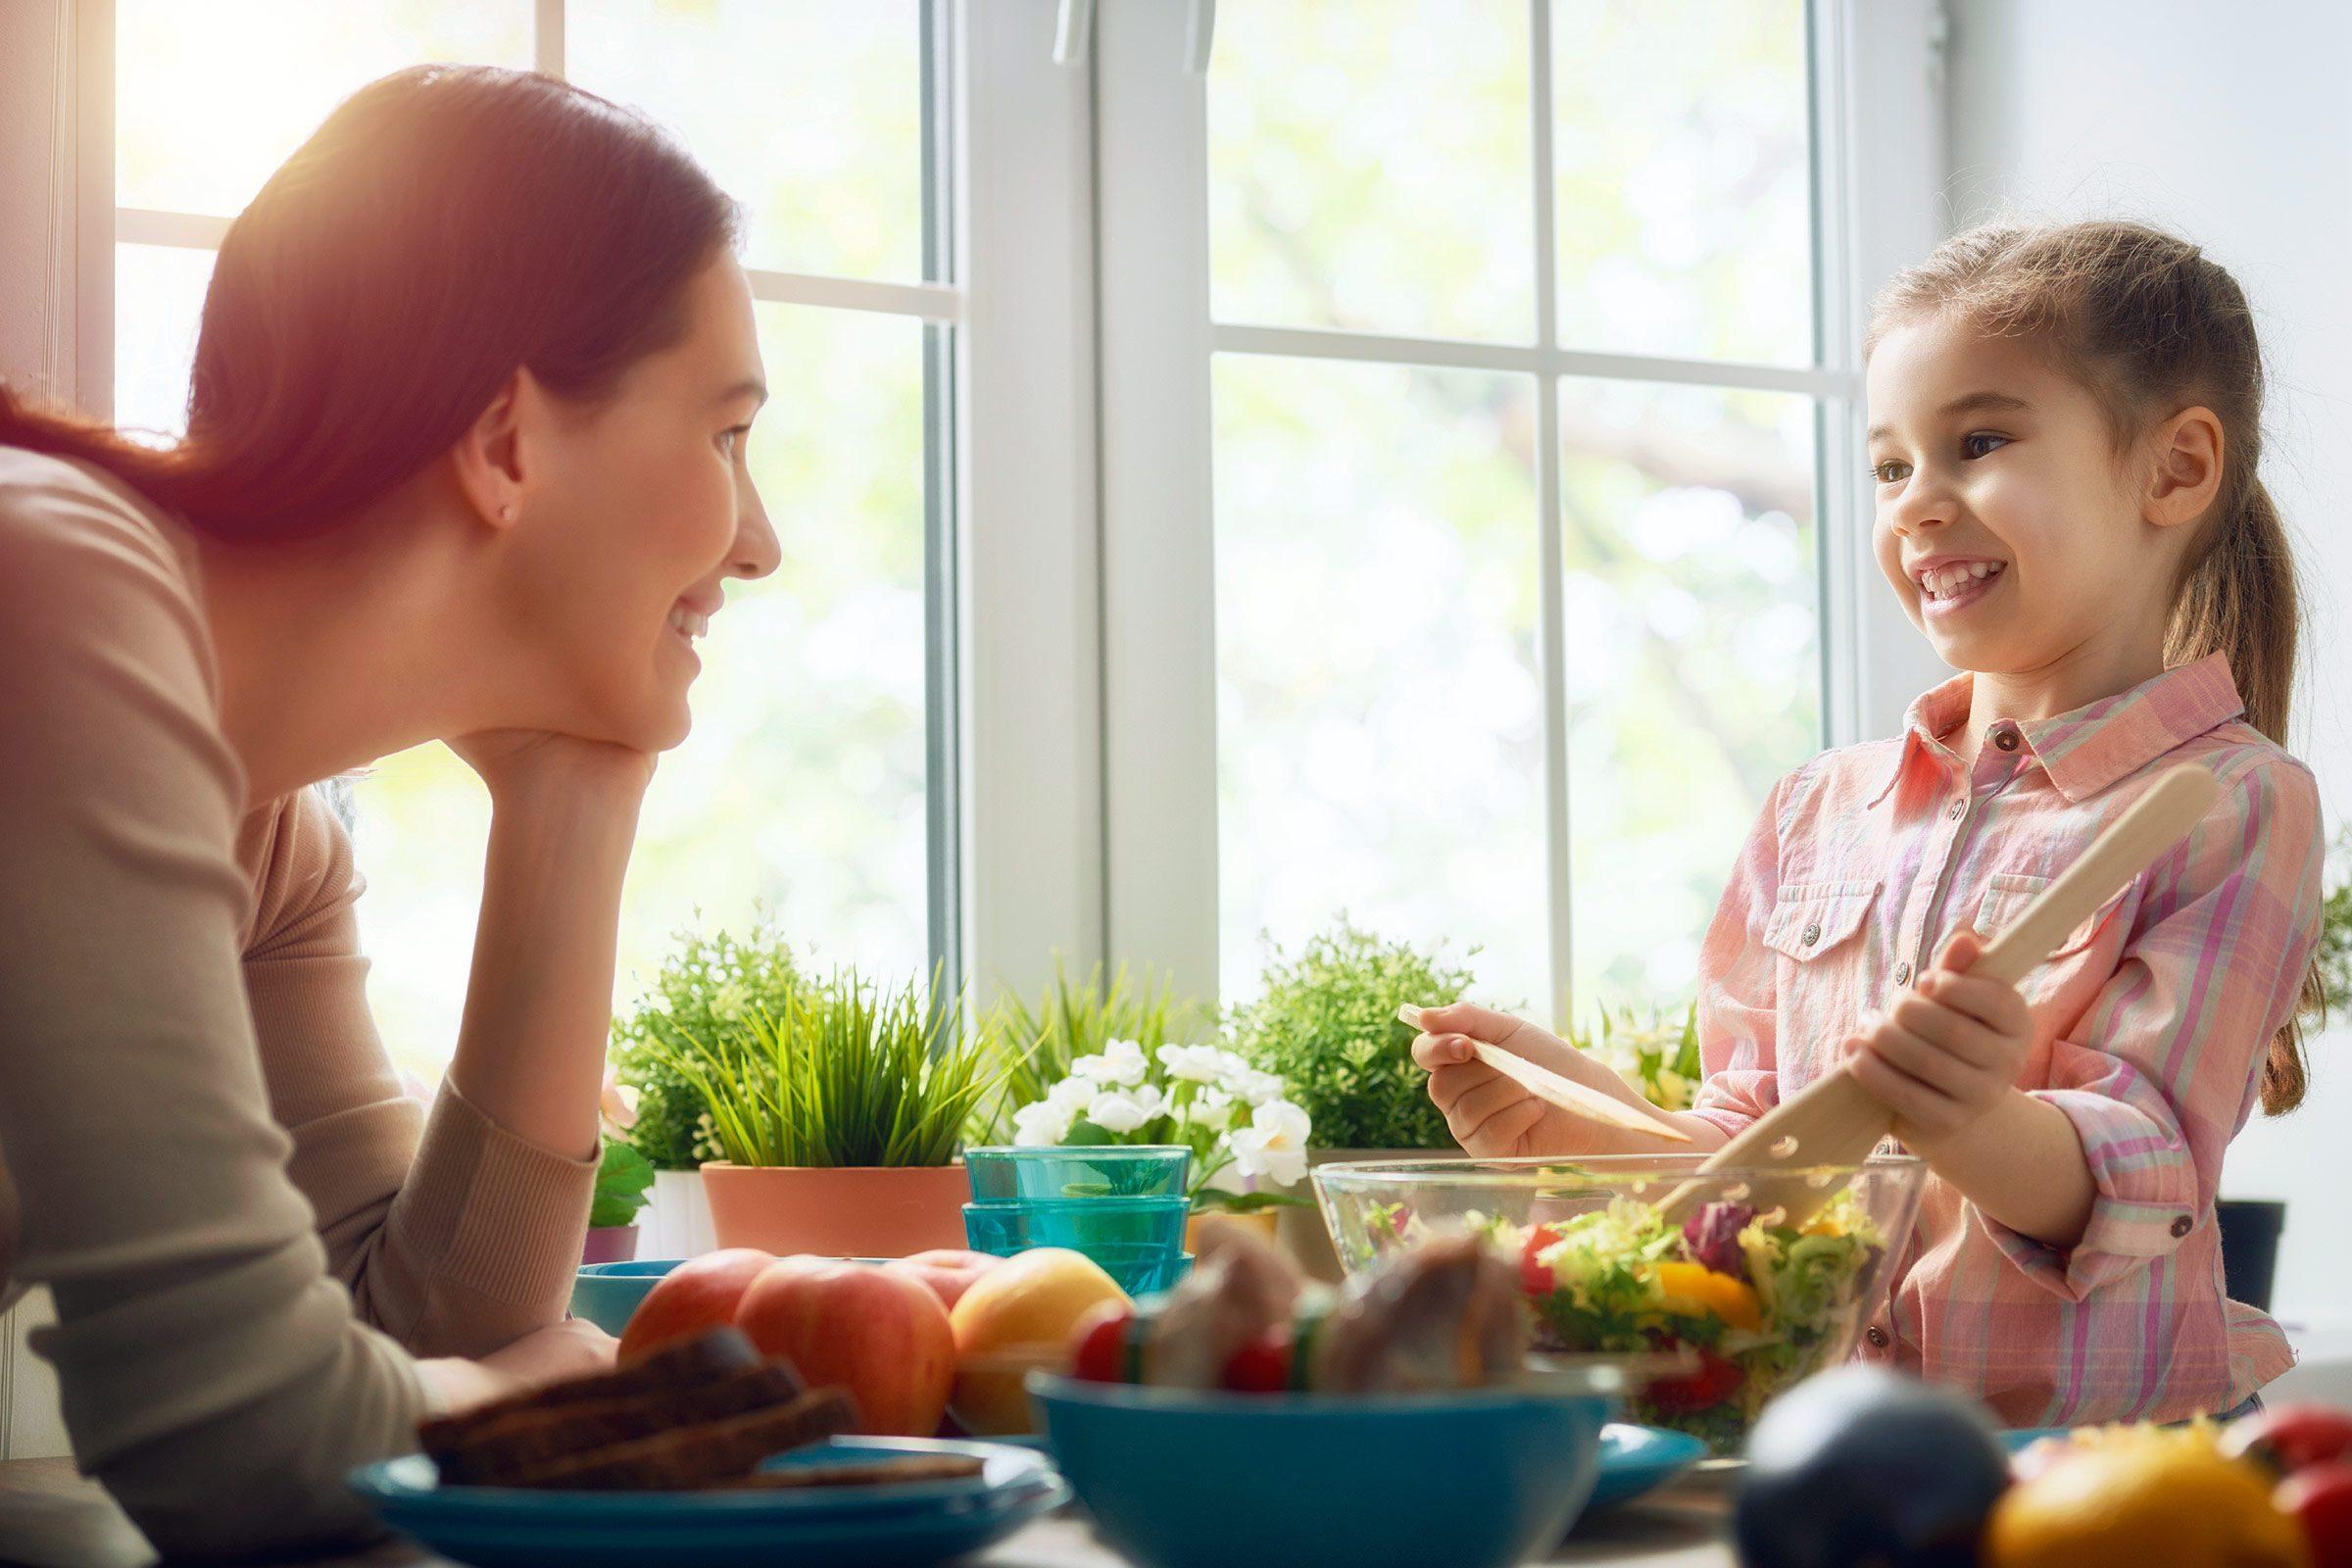 Masz dość ciągłych pytań swojego dziecka? Przeczytaj TO, a zmienisz zdanie!